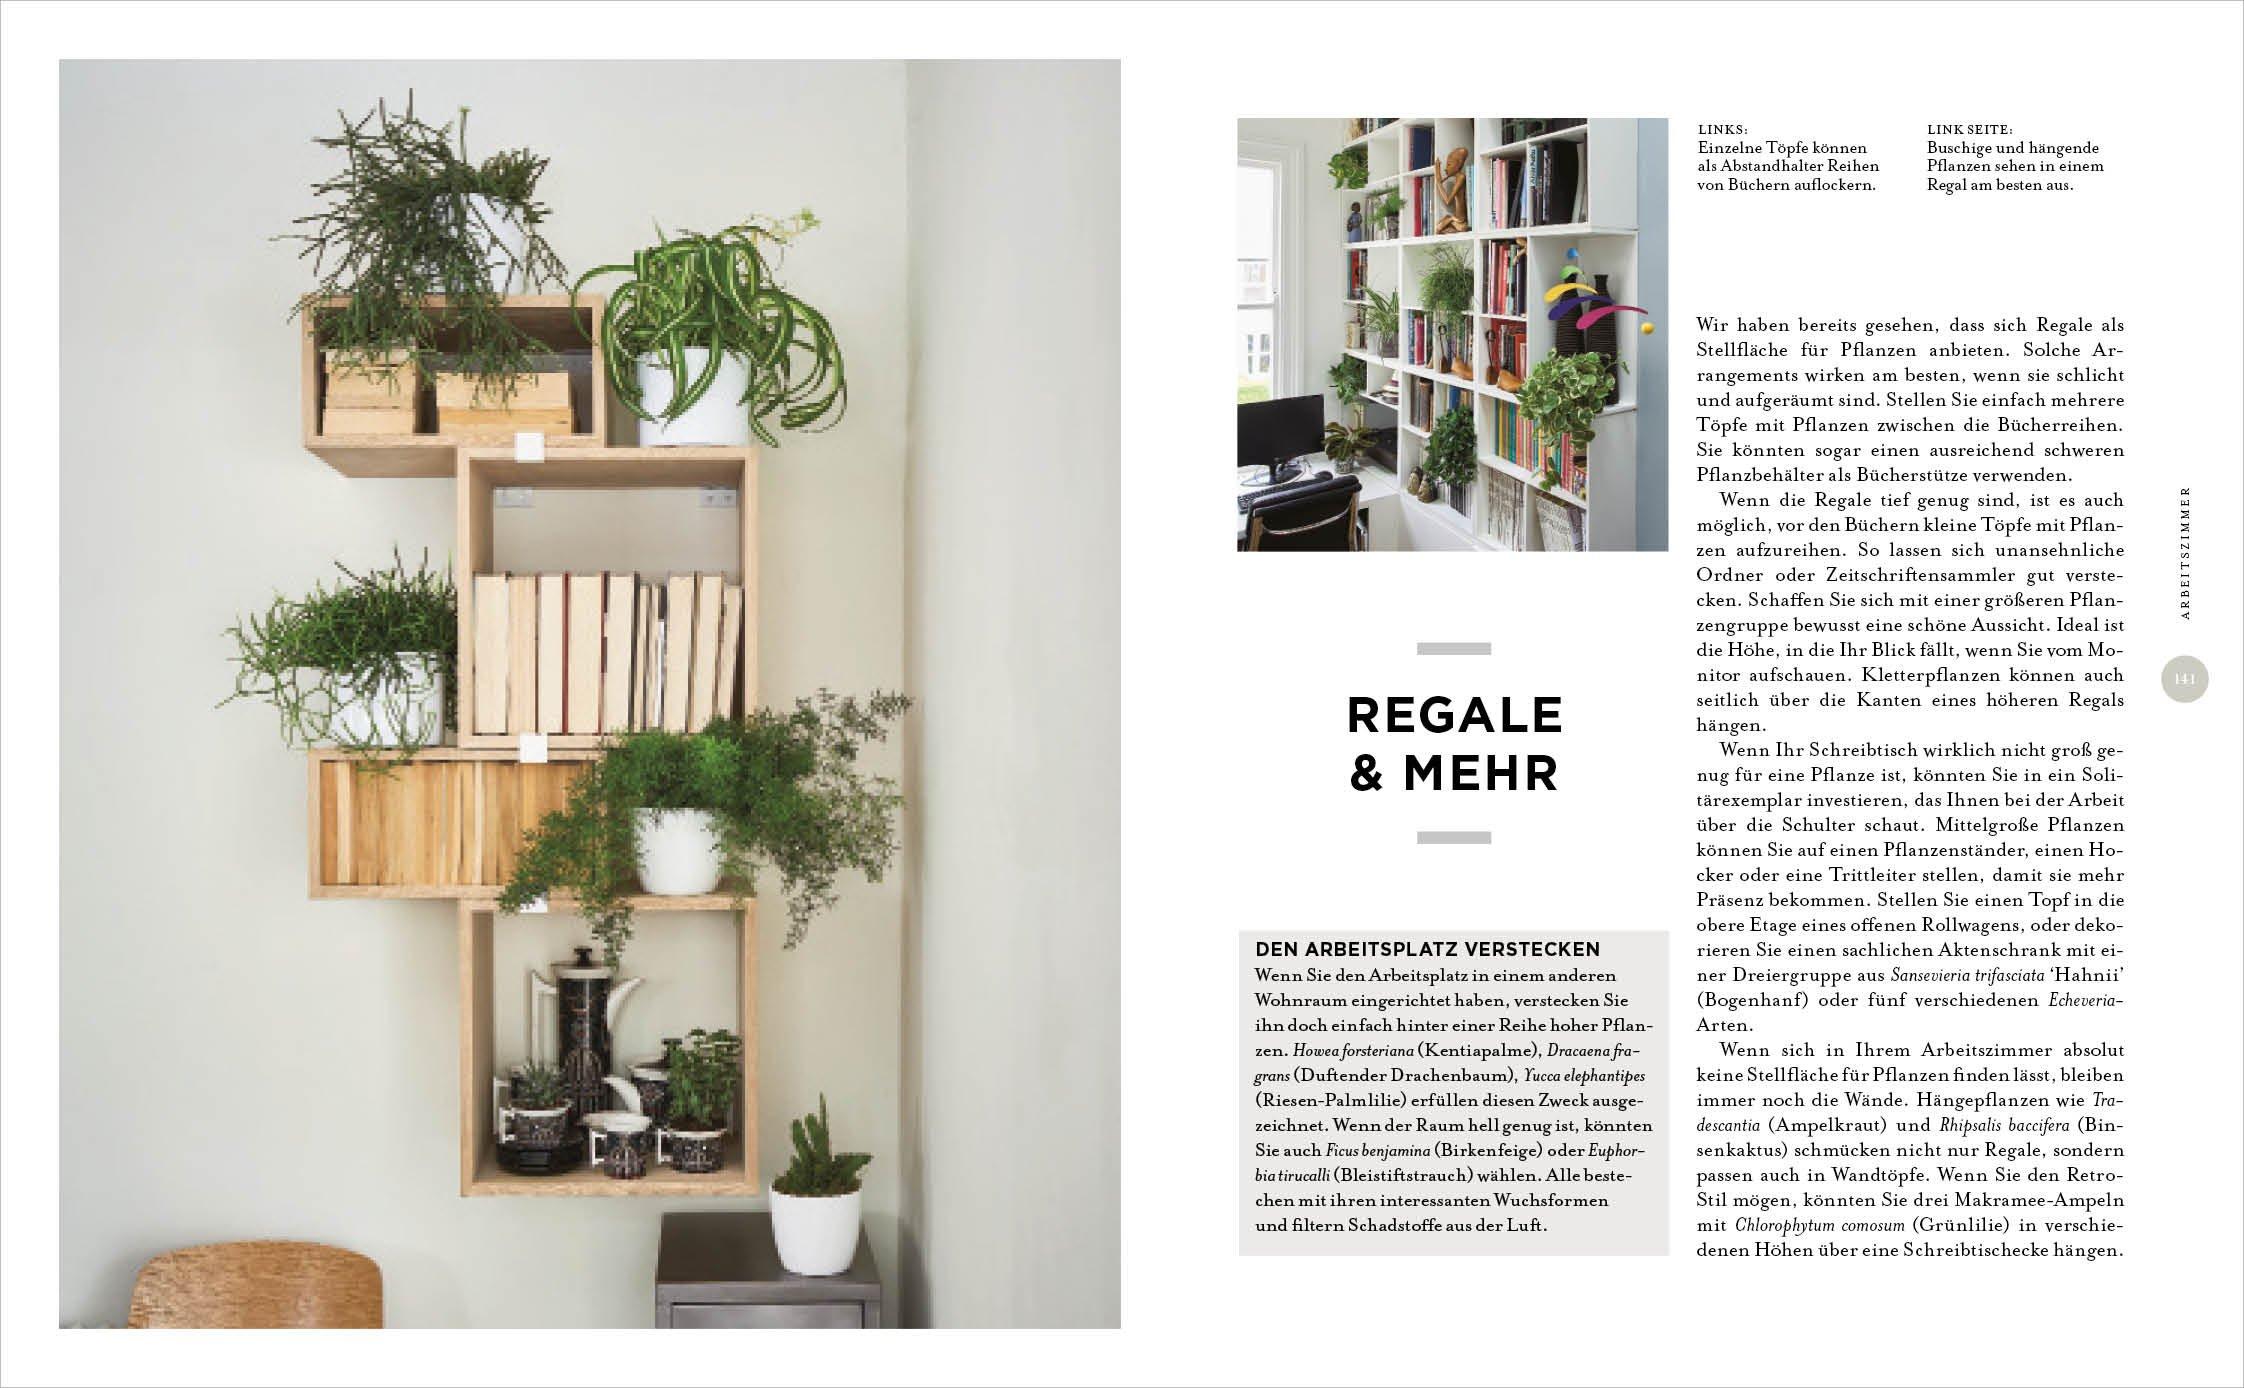 Schreibtisch Len zimmer mit pflanze kreative wohn ideen praktische tipps amazon